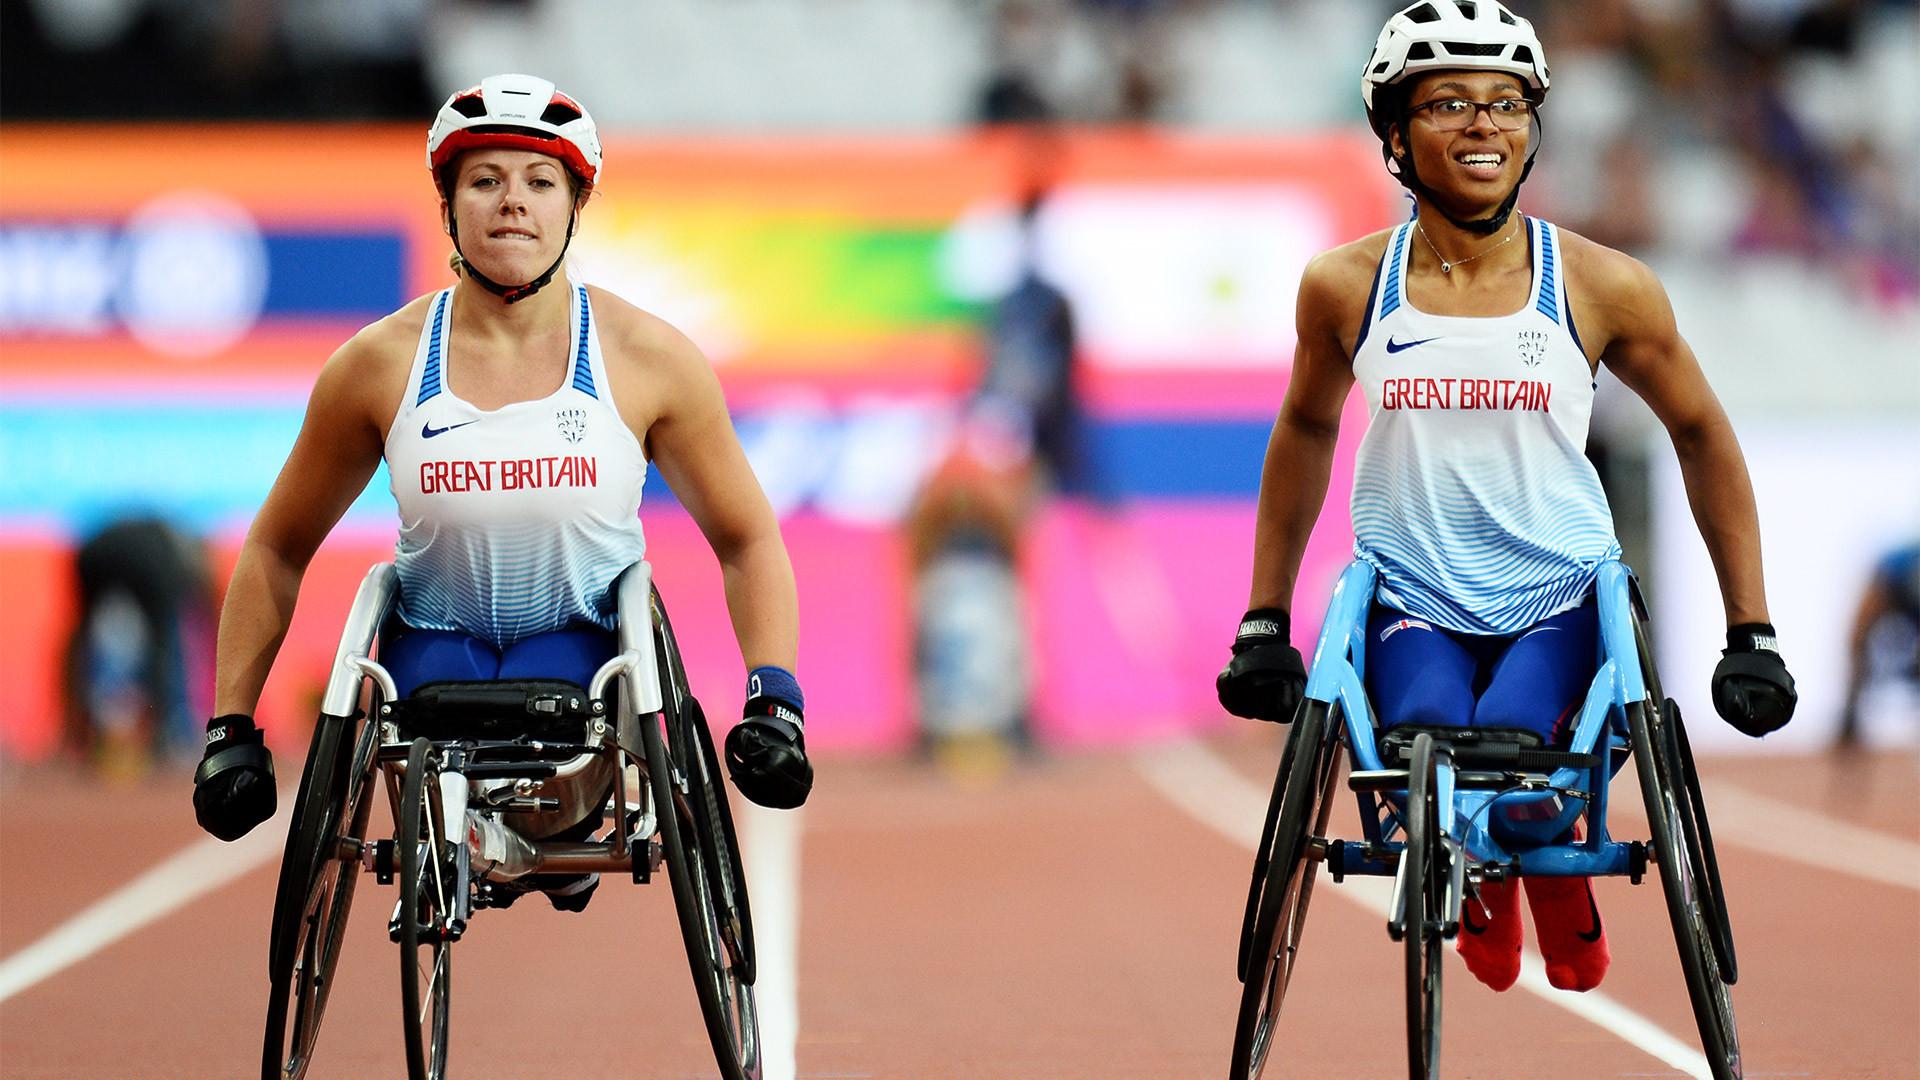 Les athlètes sont l'un des 10 sports que le Comité international paralympique a pour rôle d'administrer © Getty Images